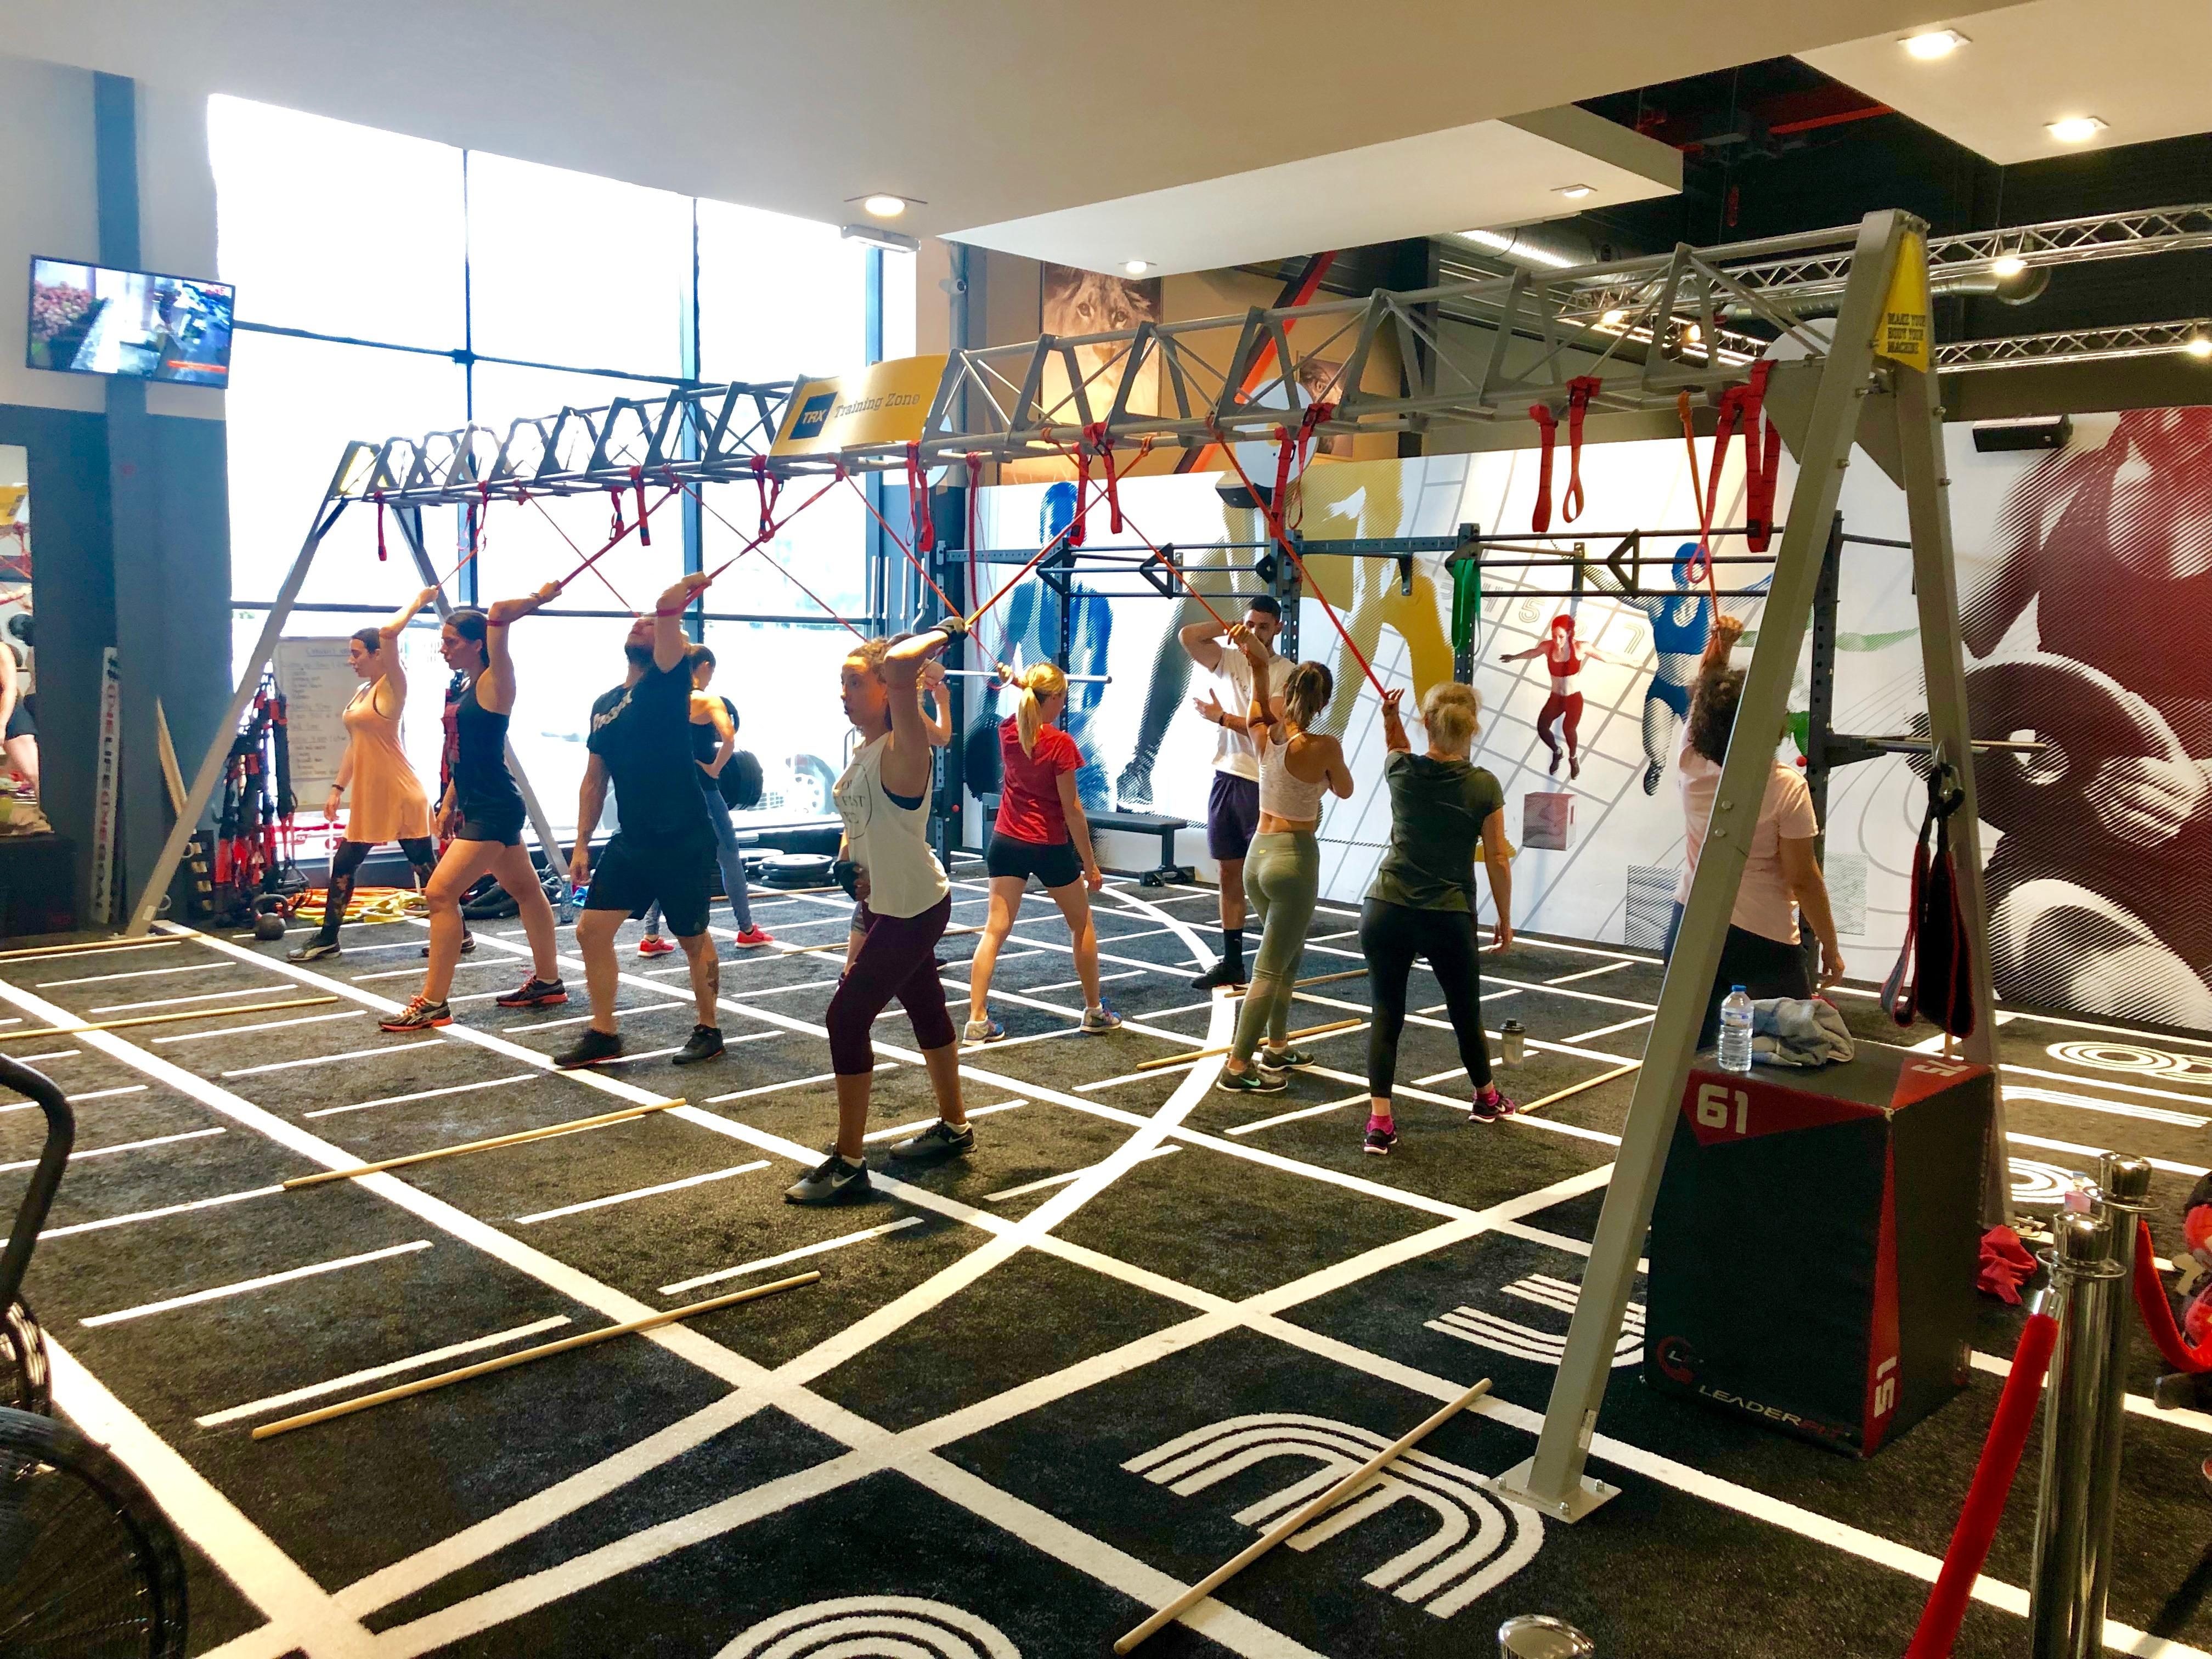 One Fitness Club Strasbourg